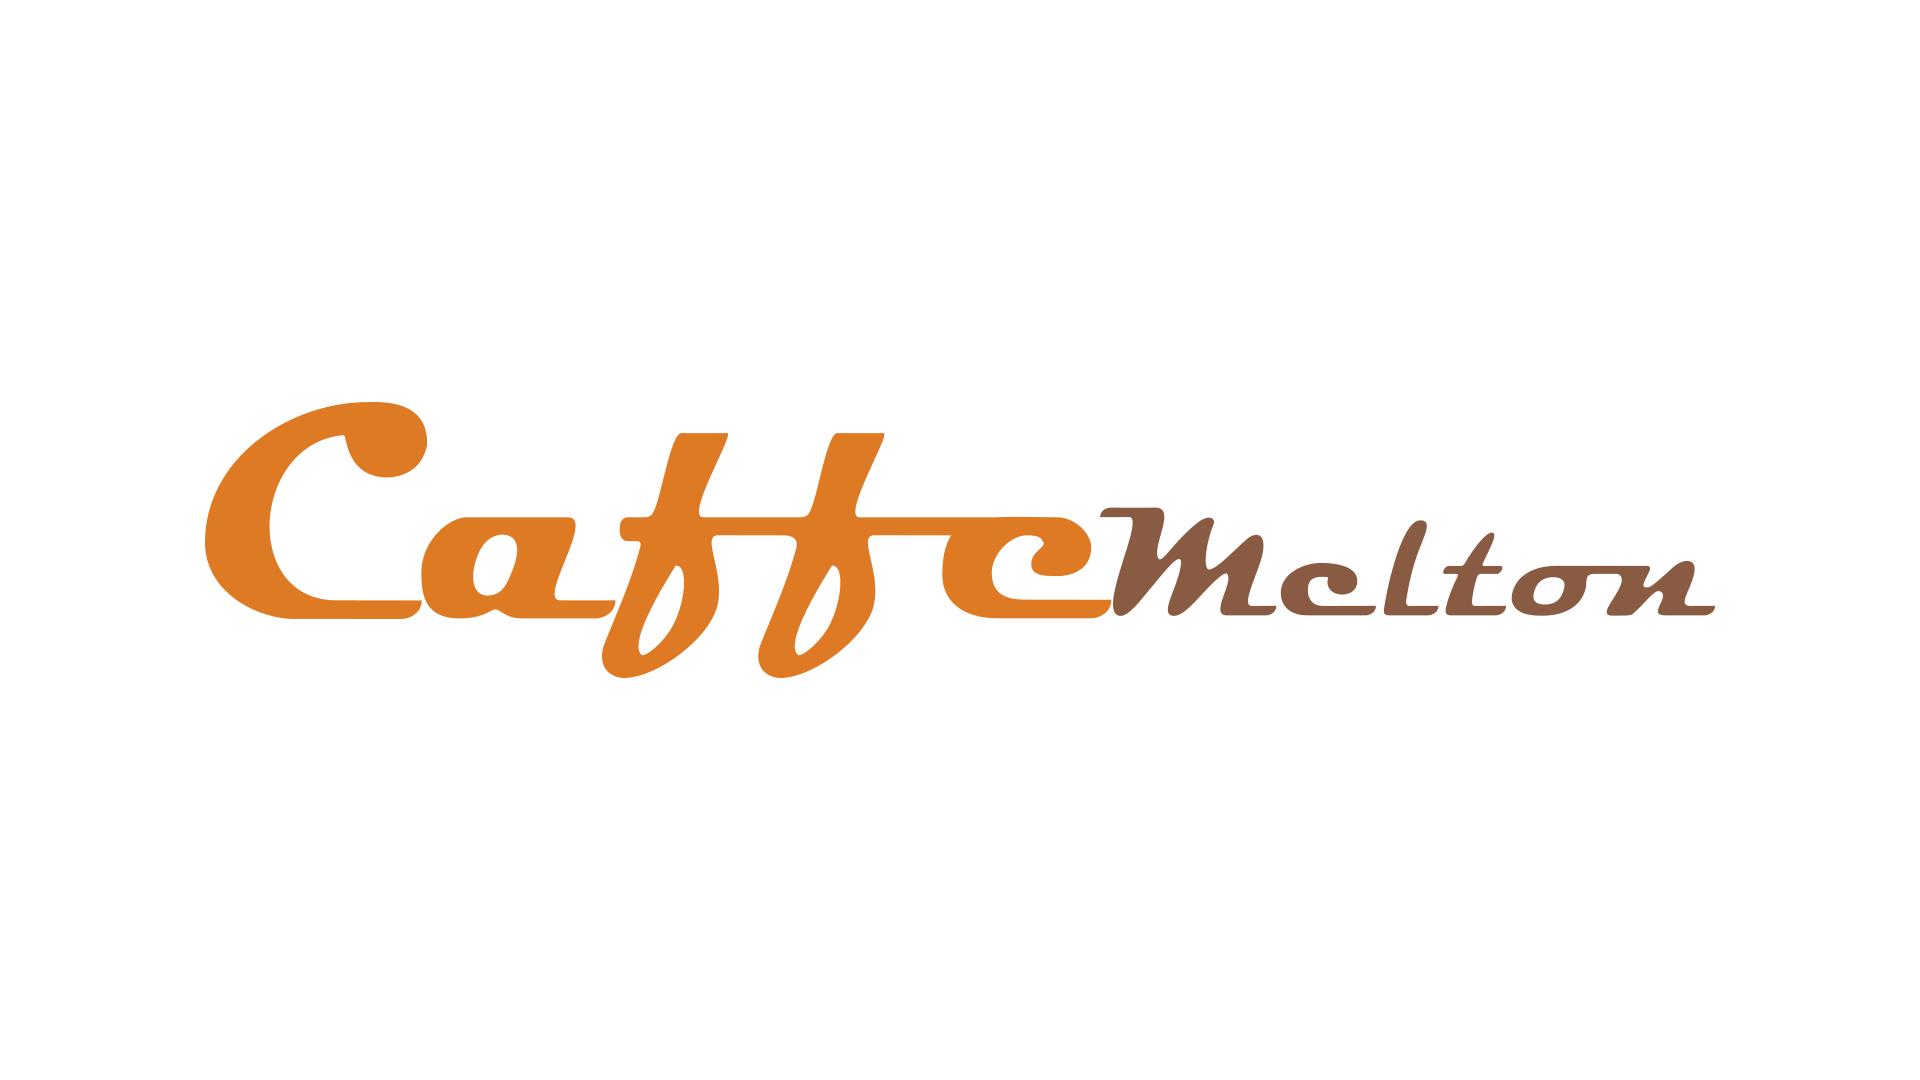 Mullfest Pärnu mullitab Caffe melton logo